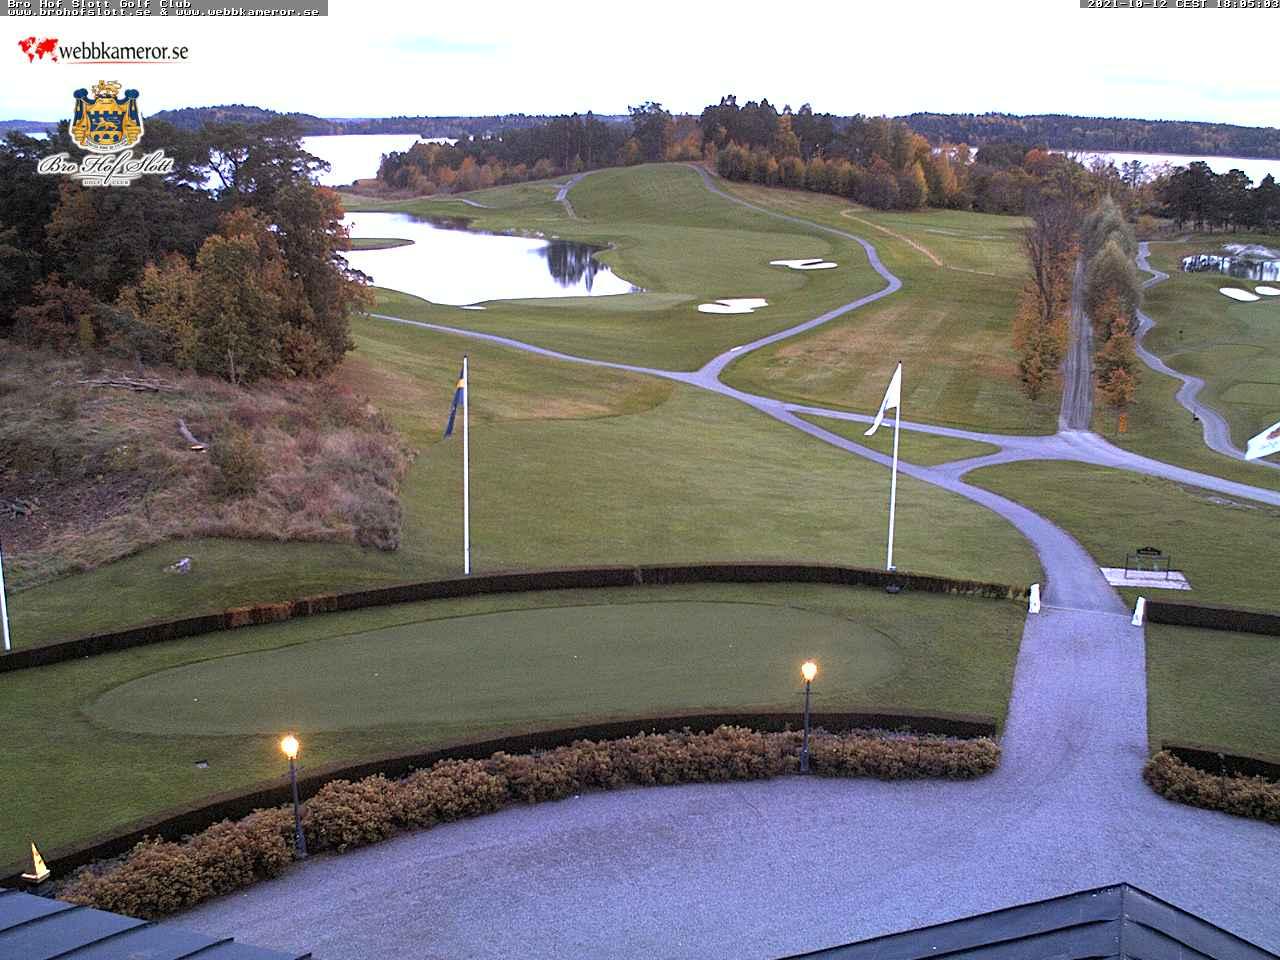 Webbkamera hos Bro Hof Golf Club, megapixel-storlek